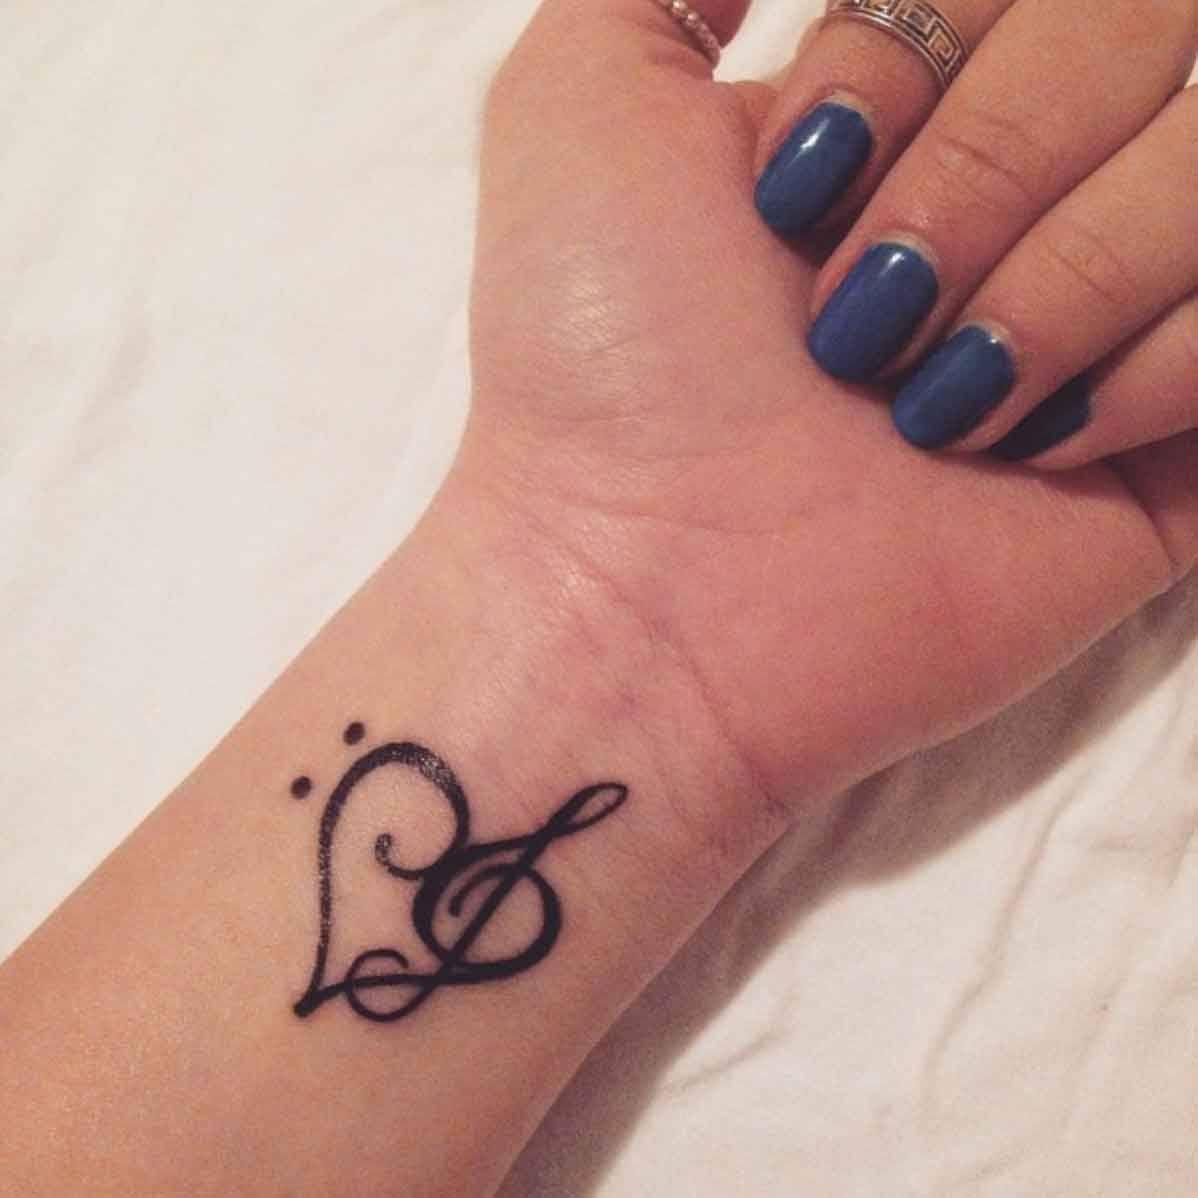 Tatuaje De Un Corazon Formado Con La Clave De Sol Y La Clave De Fa